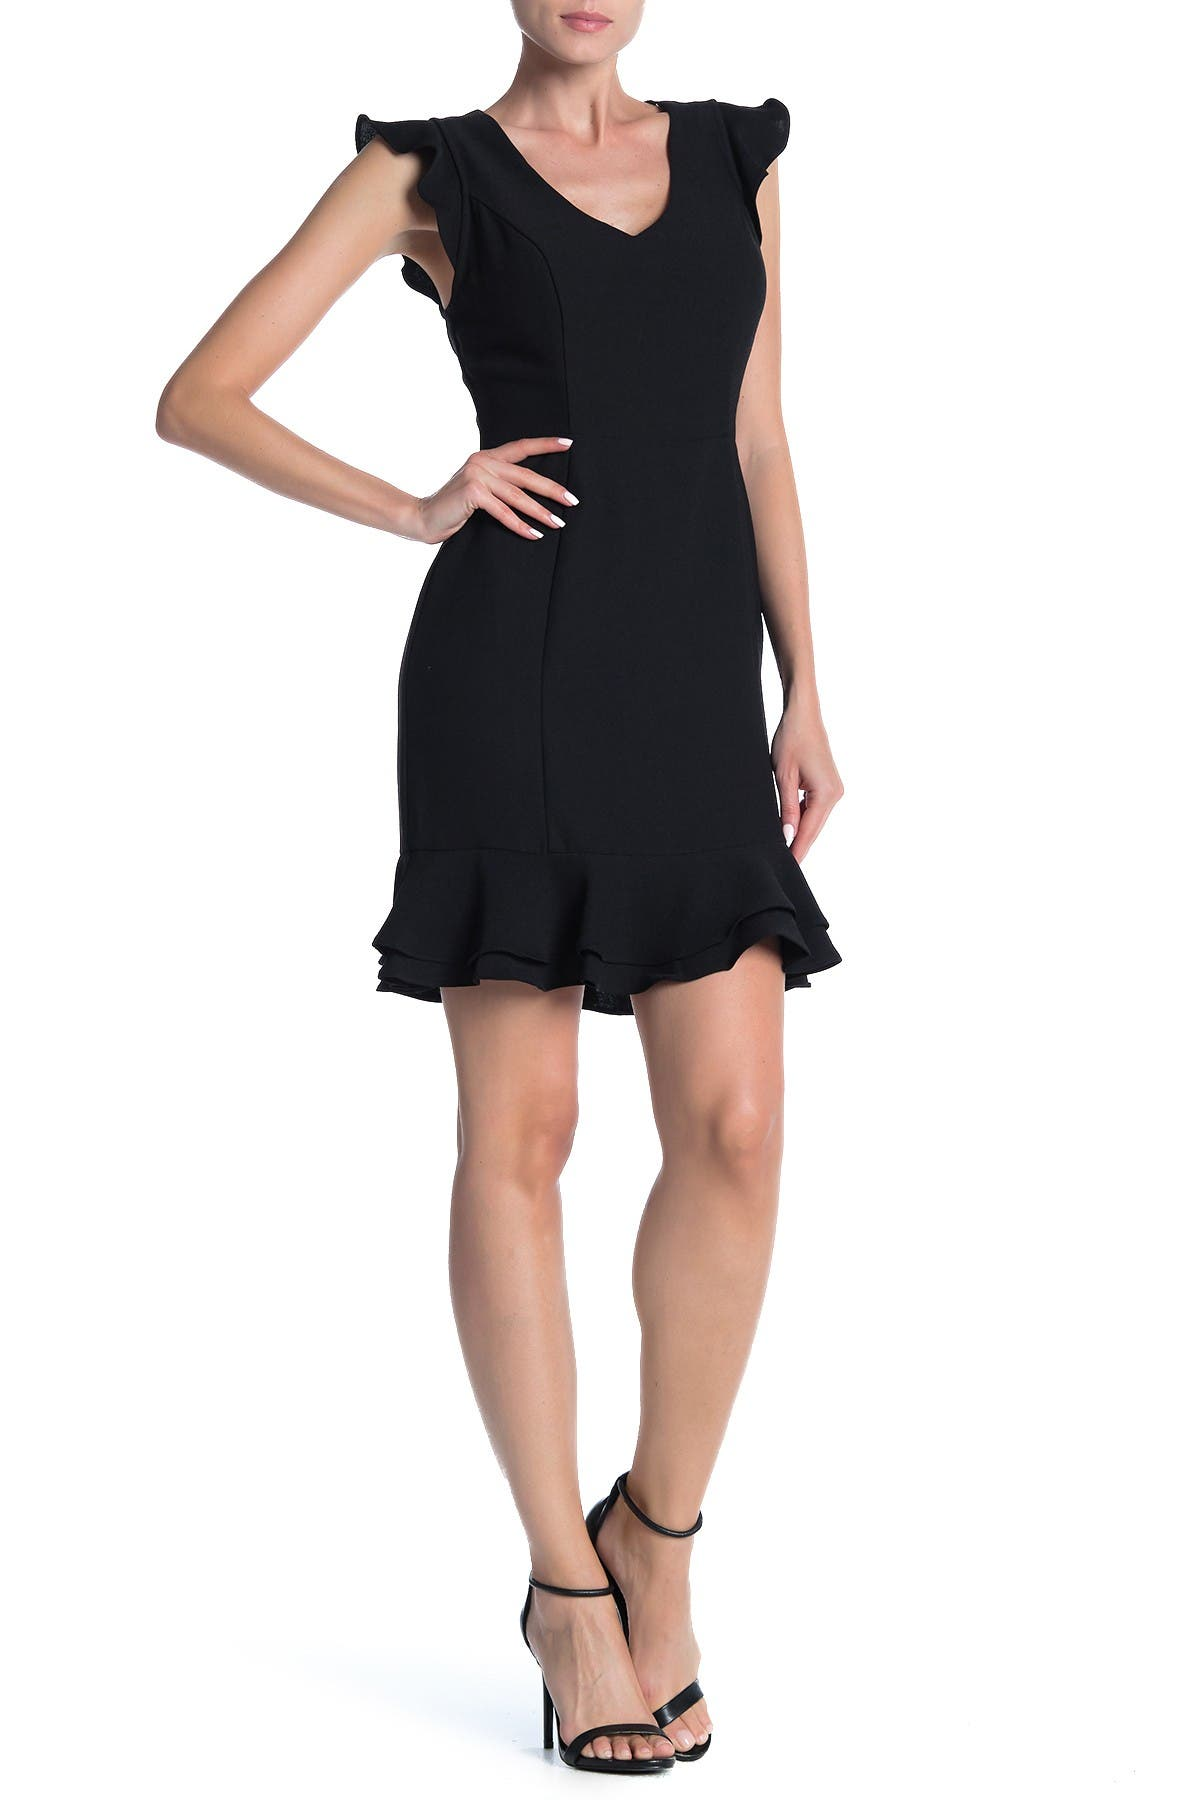 Image of 19 Cooper Lace Back Flutter Sleeve Dress